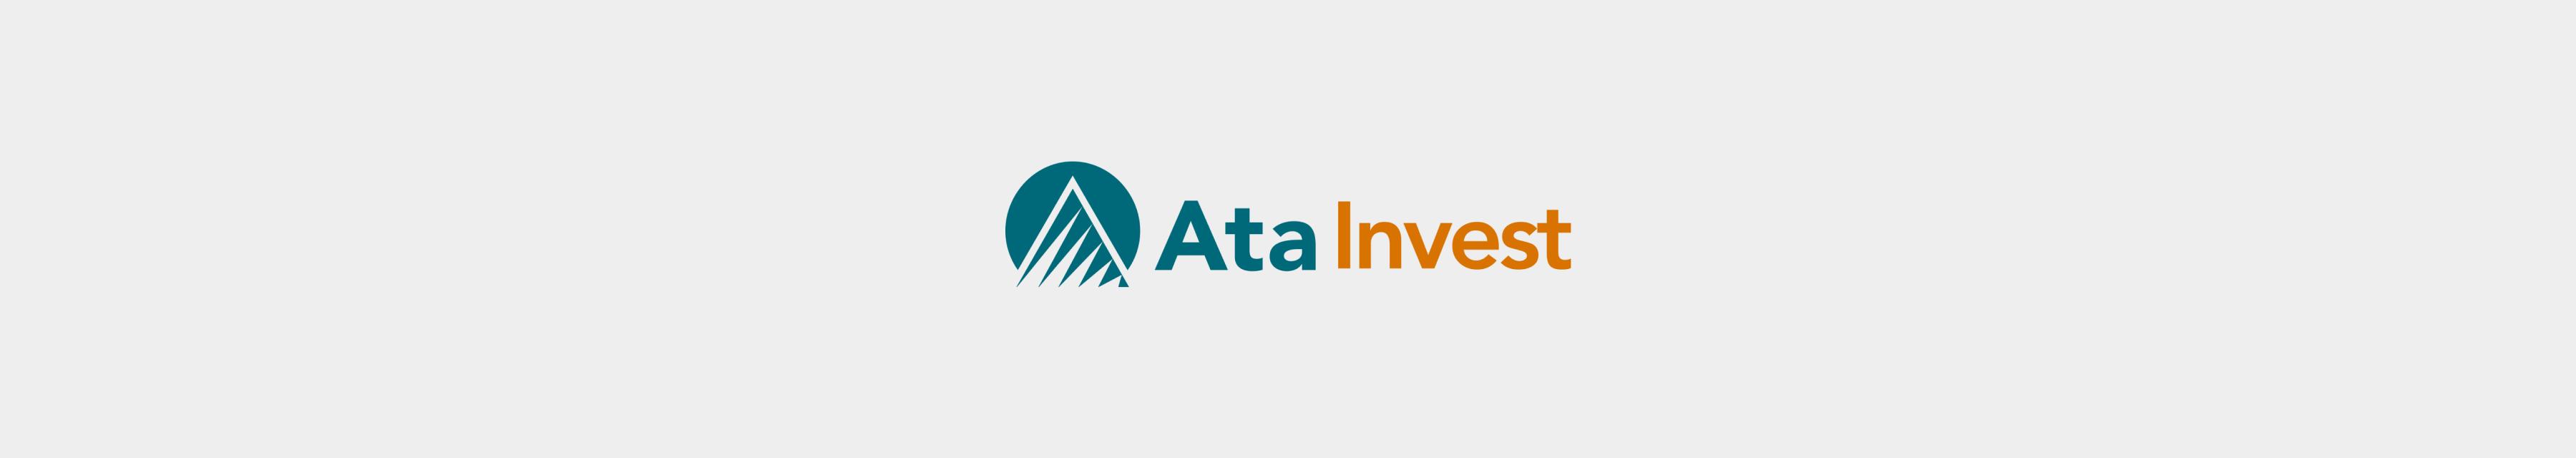 ATA Invest